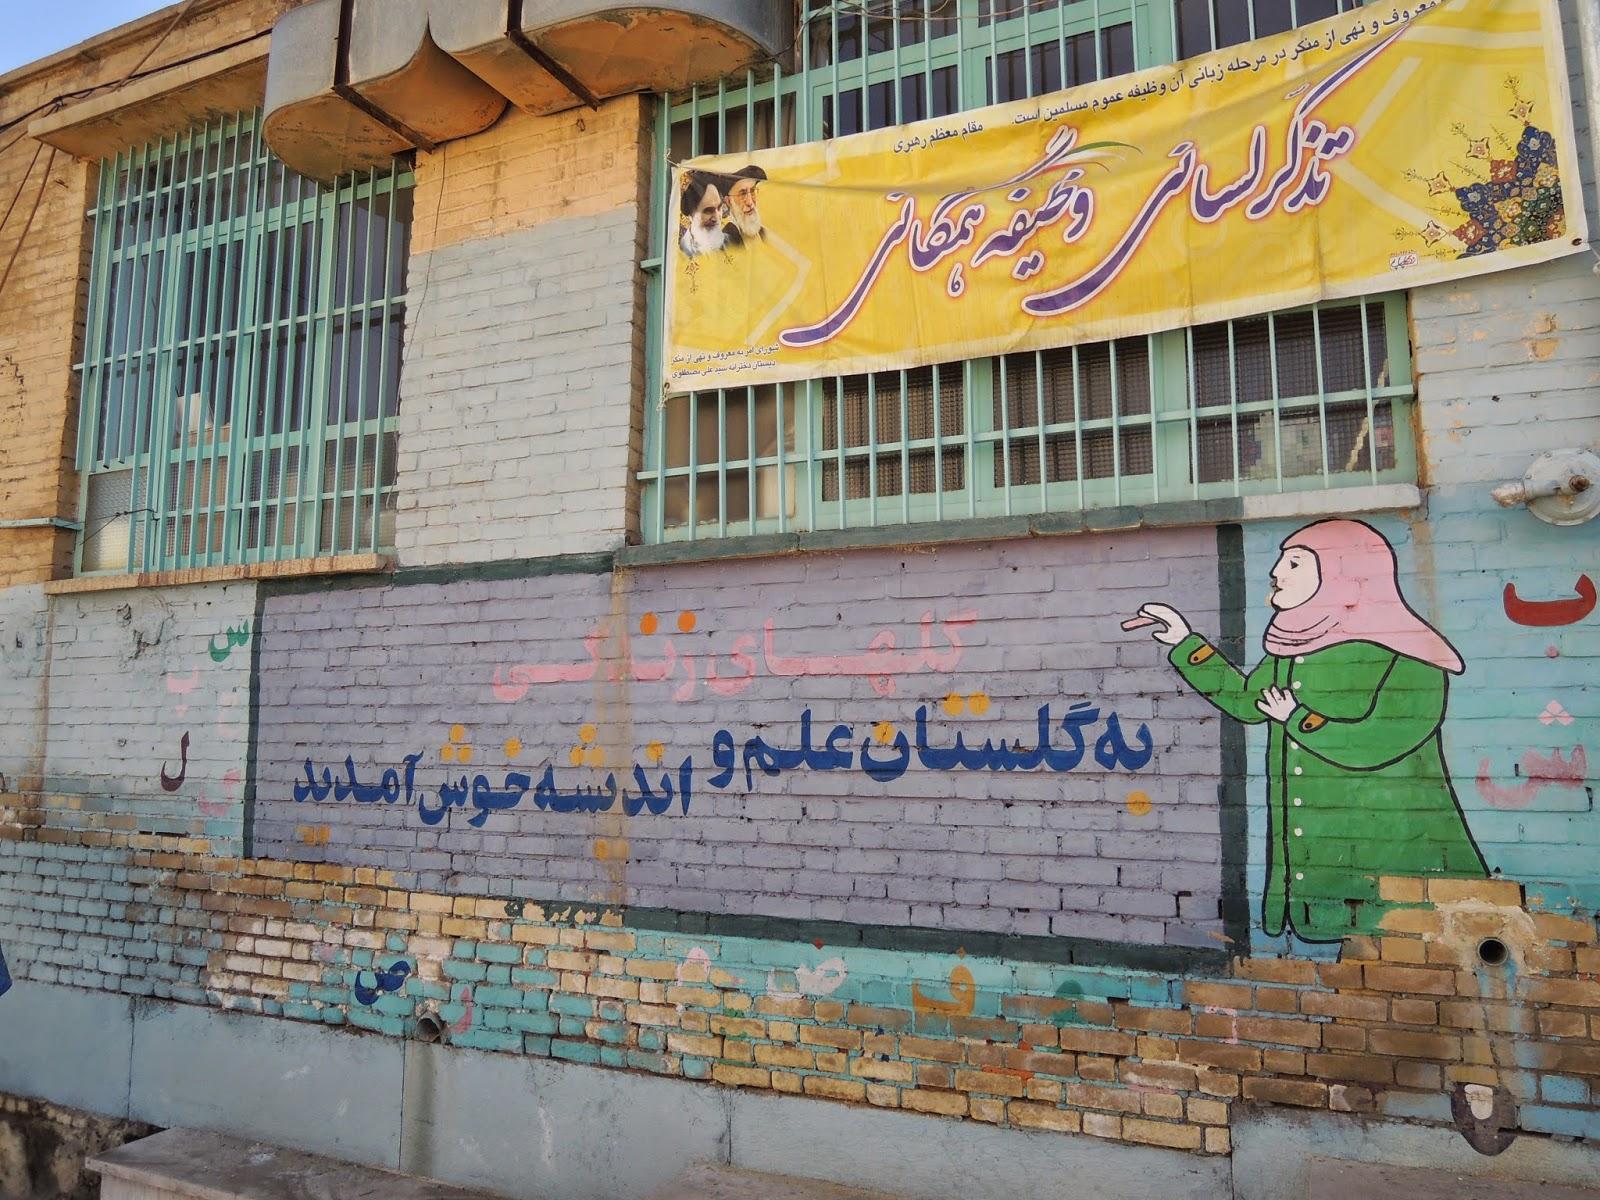 伊朗天氣文化語言貨幣小錦囊 | [一細舊cm出走記]